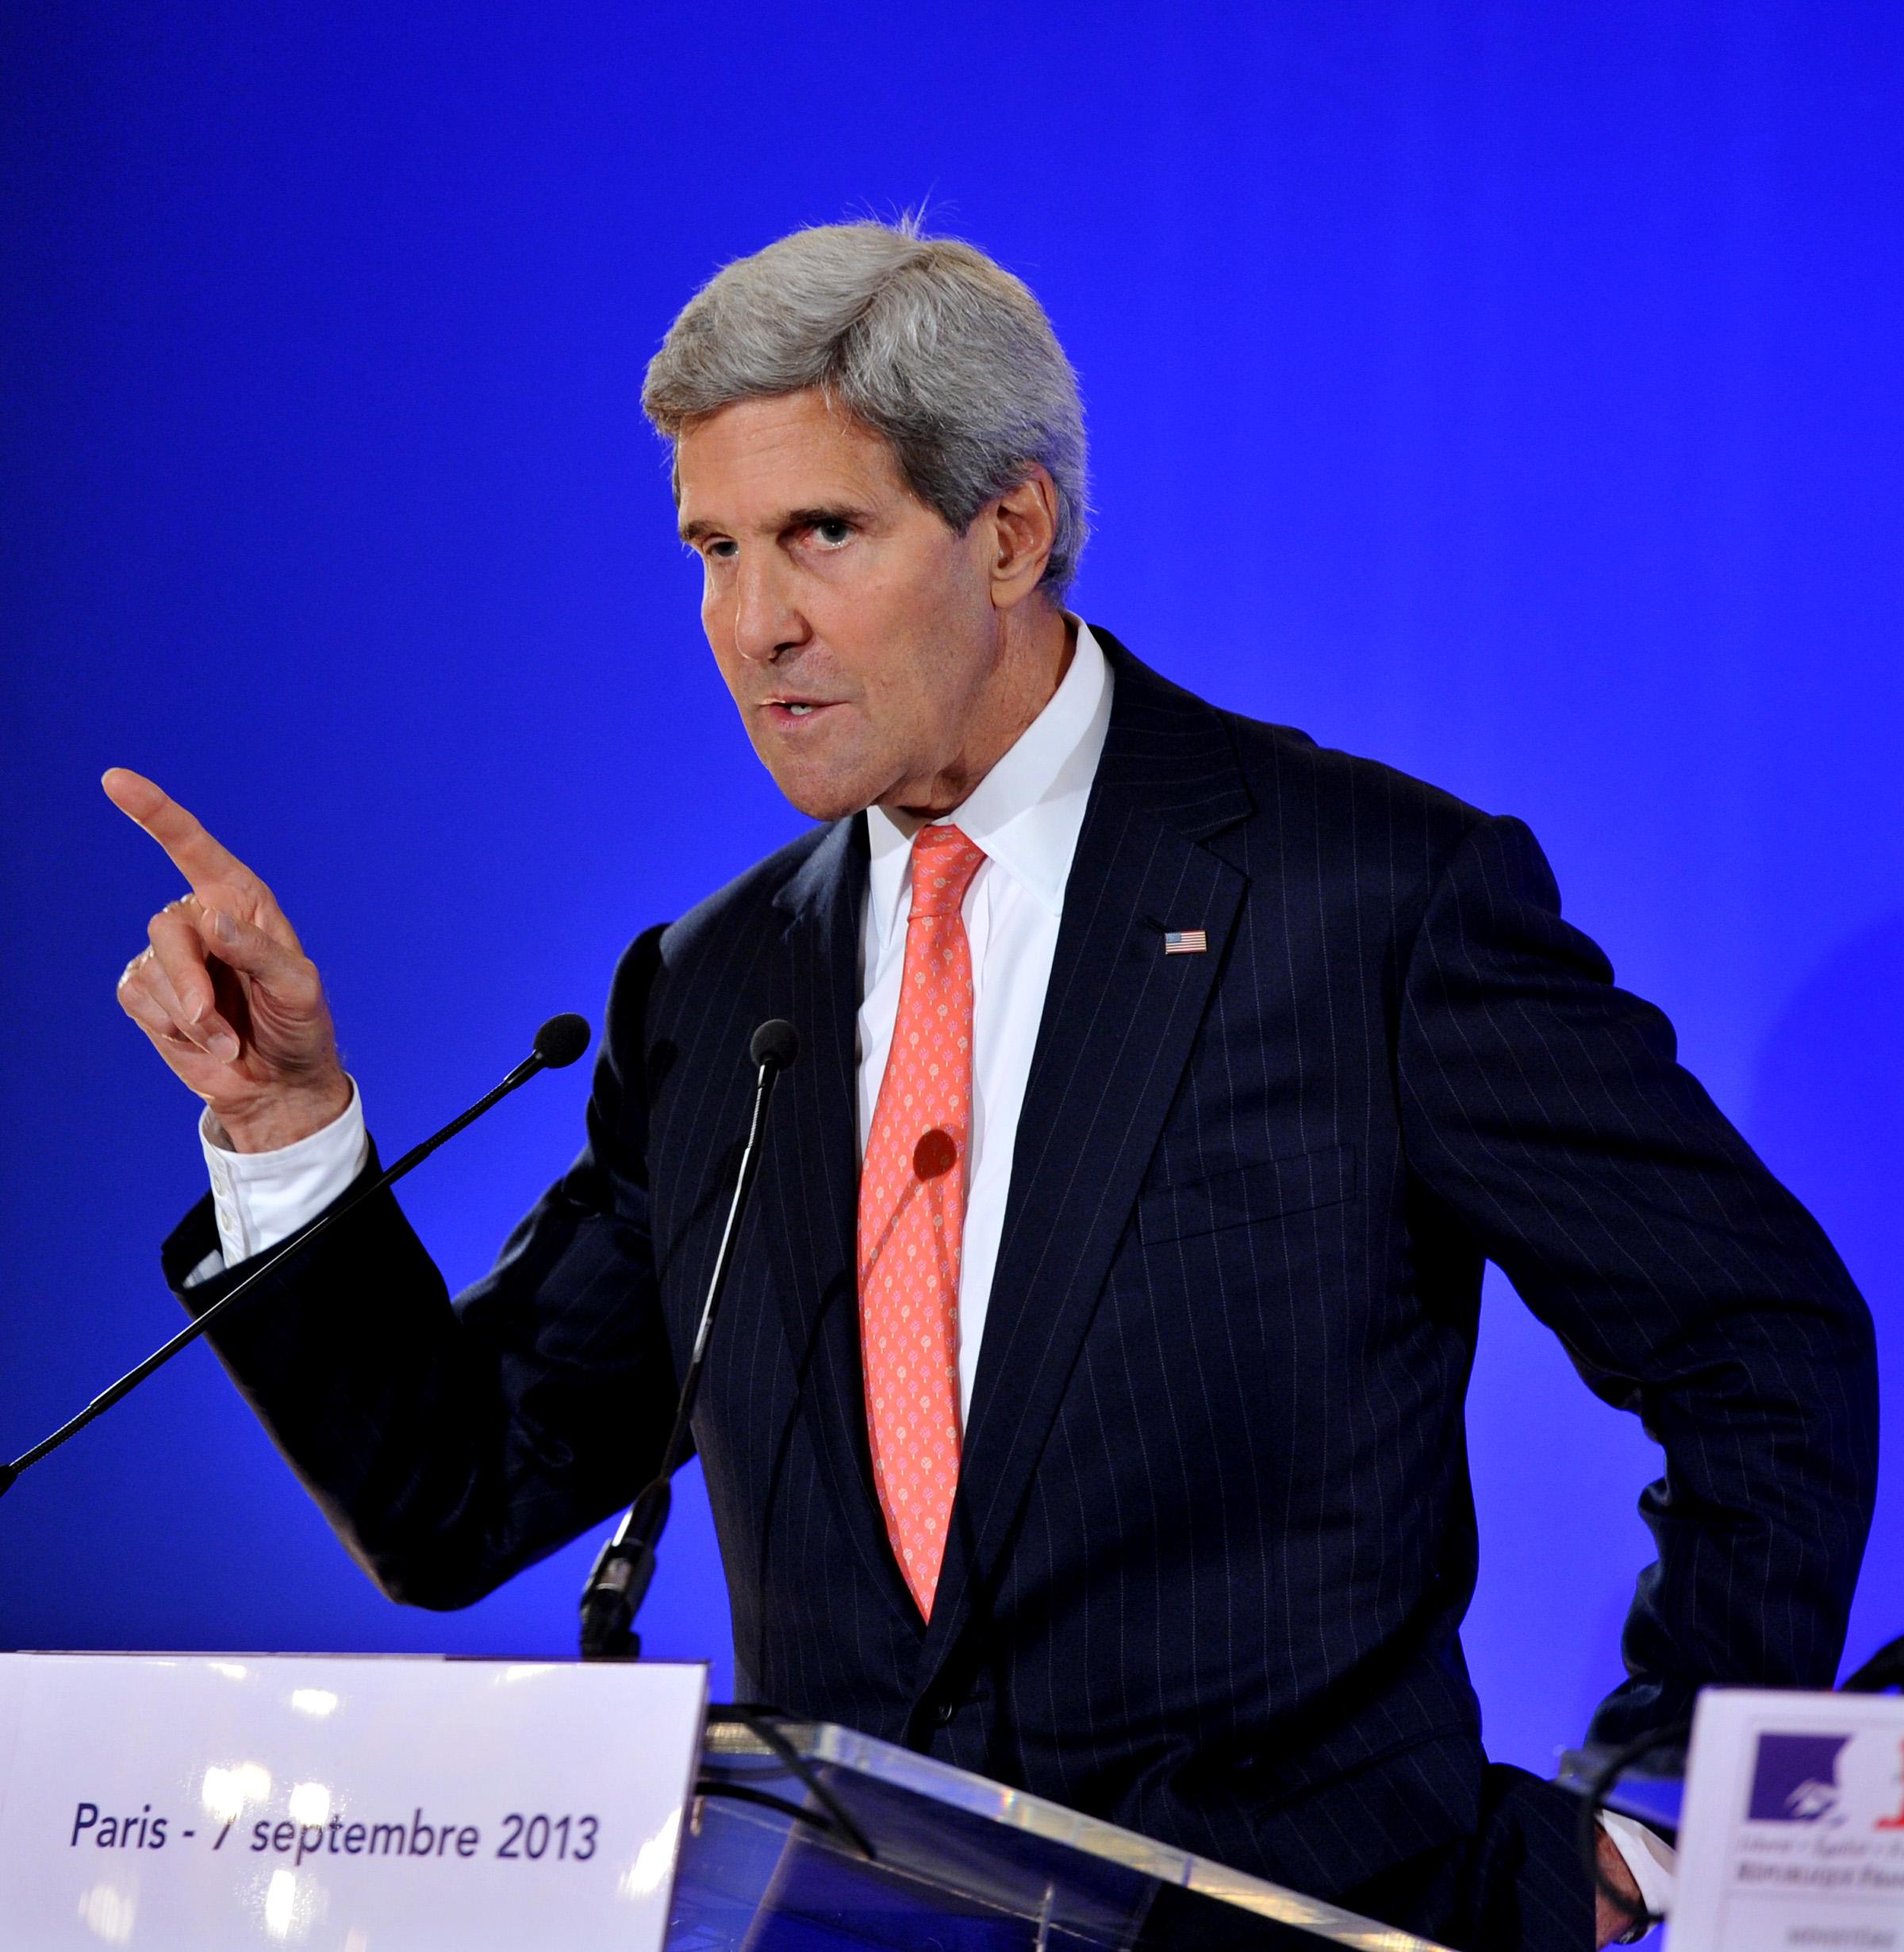 Les Etats-Unis et la Russie se mettent d'accord sur un plan concernant l'arsenal chimique syrien